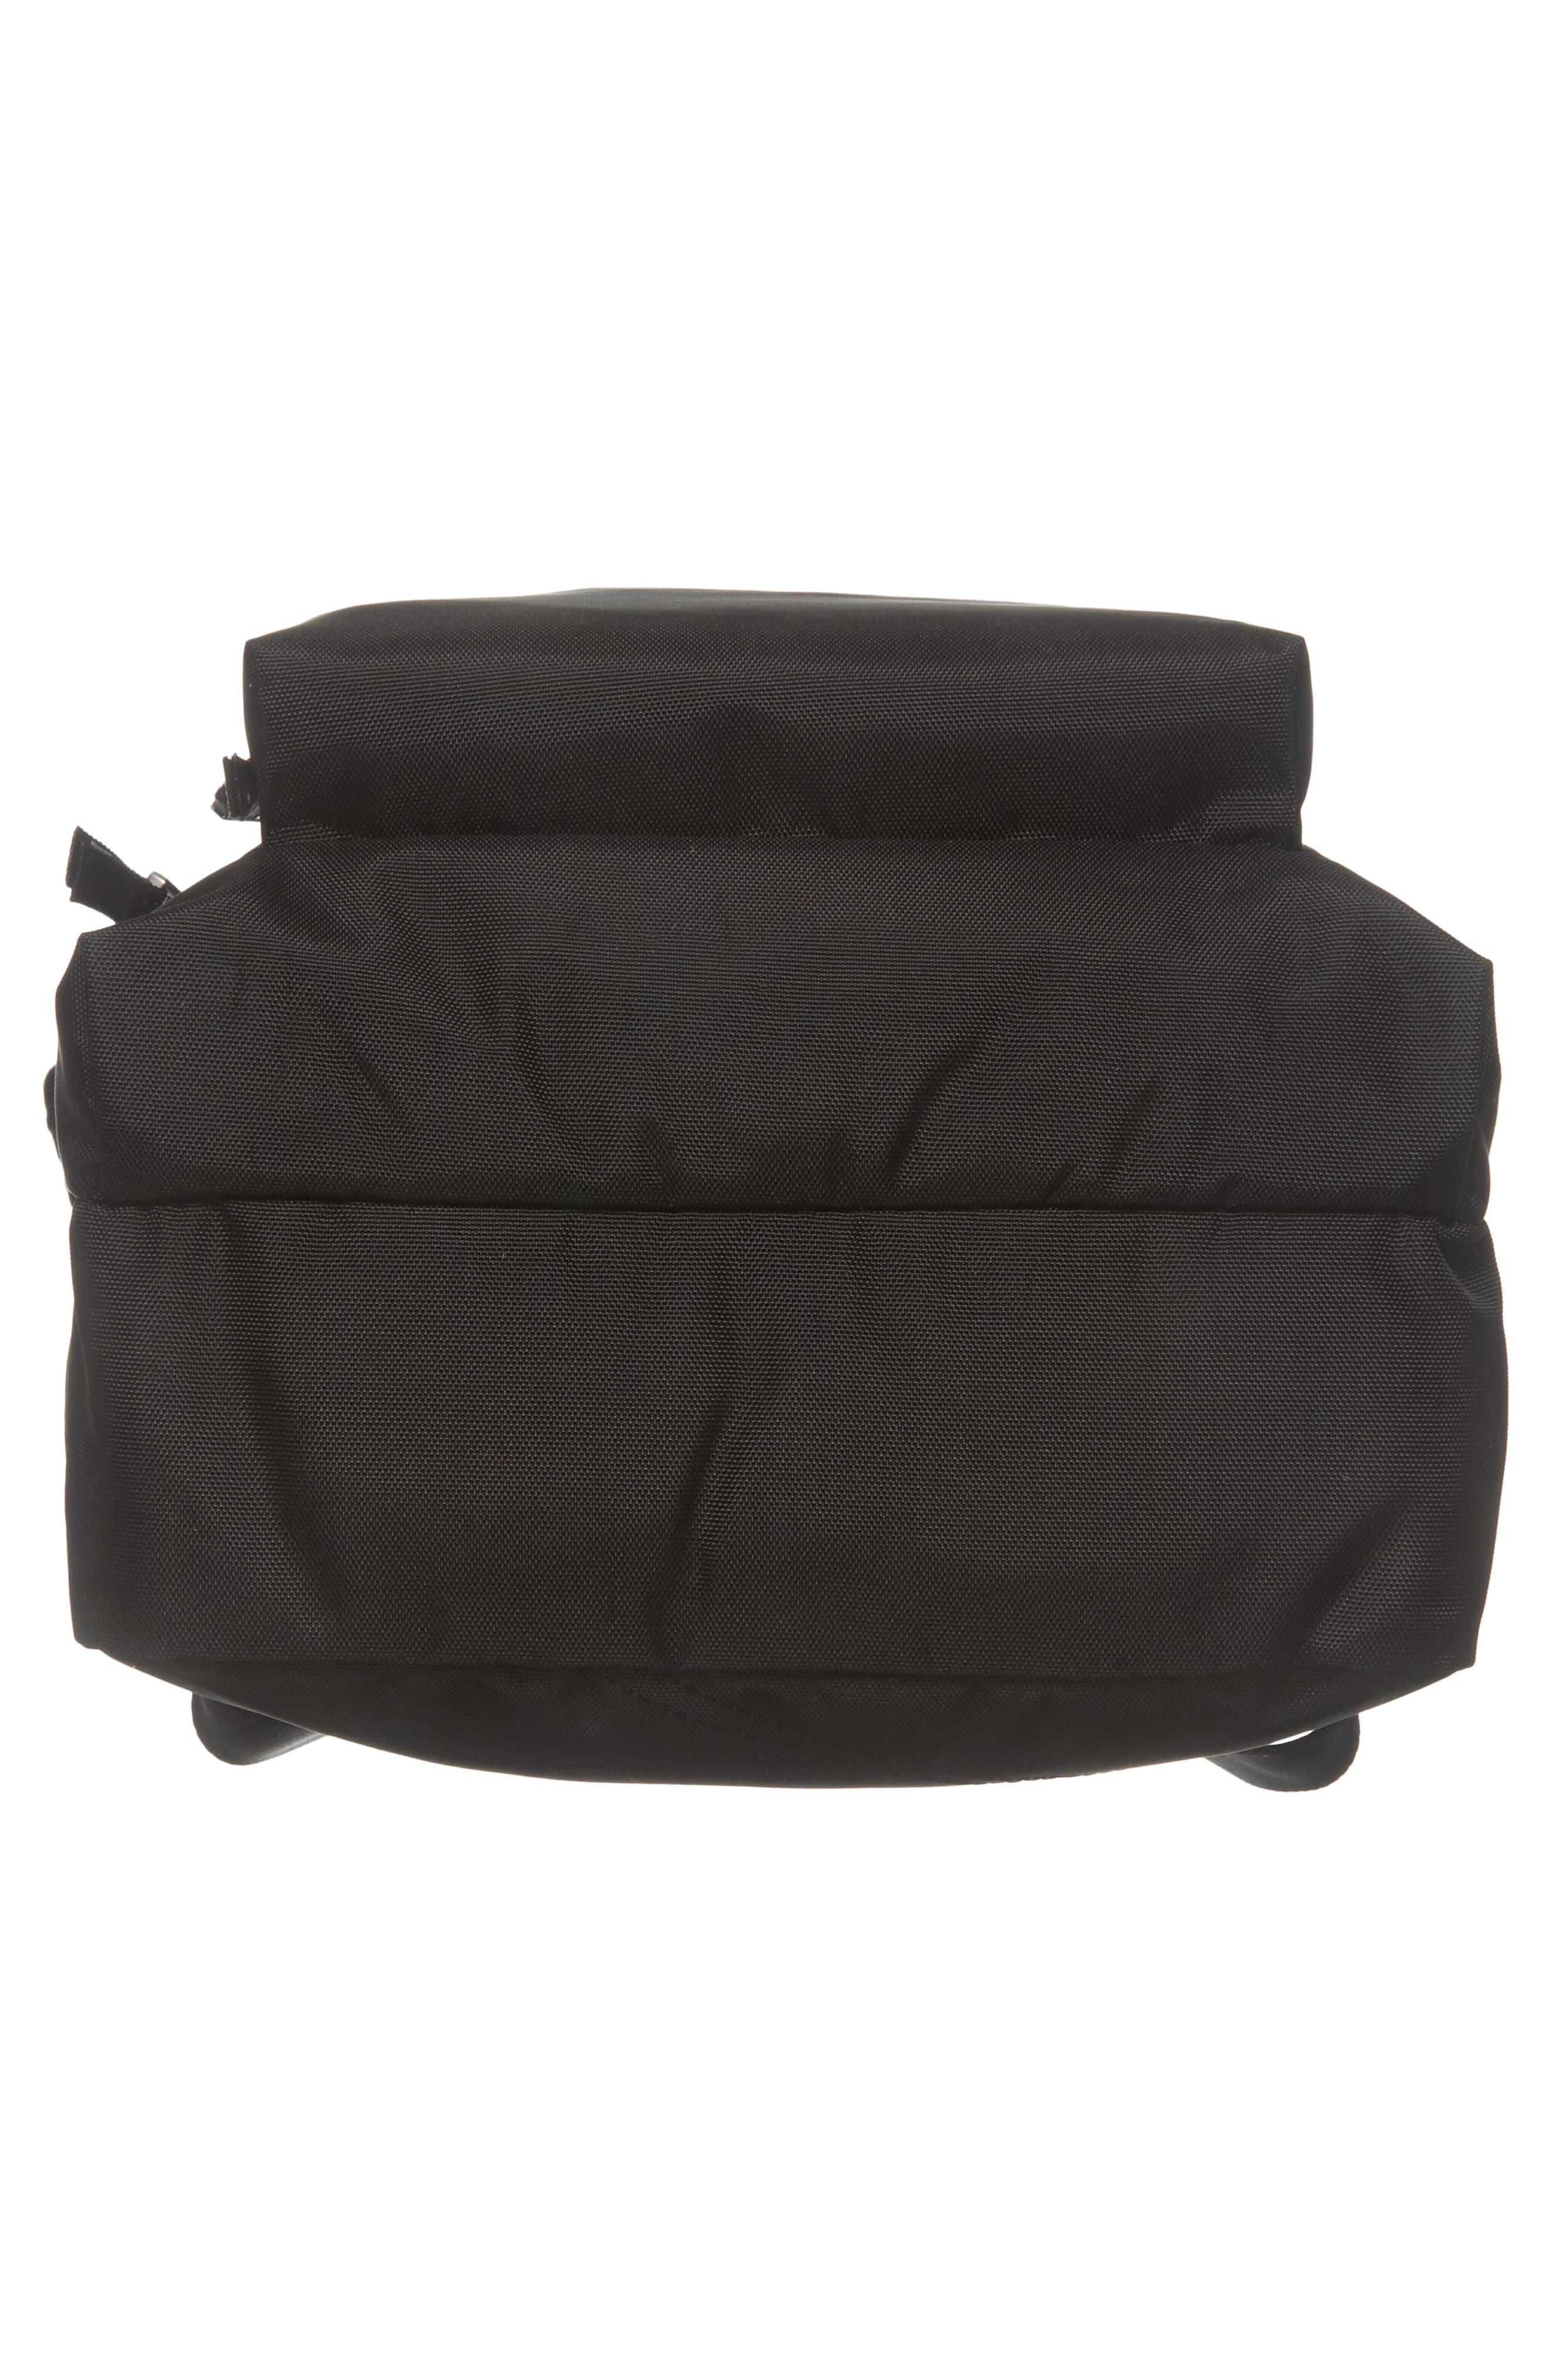 Medium Sport Trek Backpack,                             Alternate thumbnail 6, color,                             BLACK